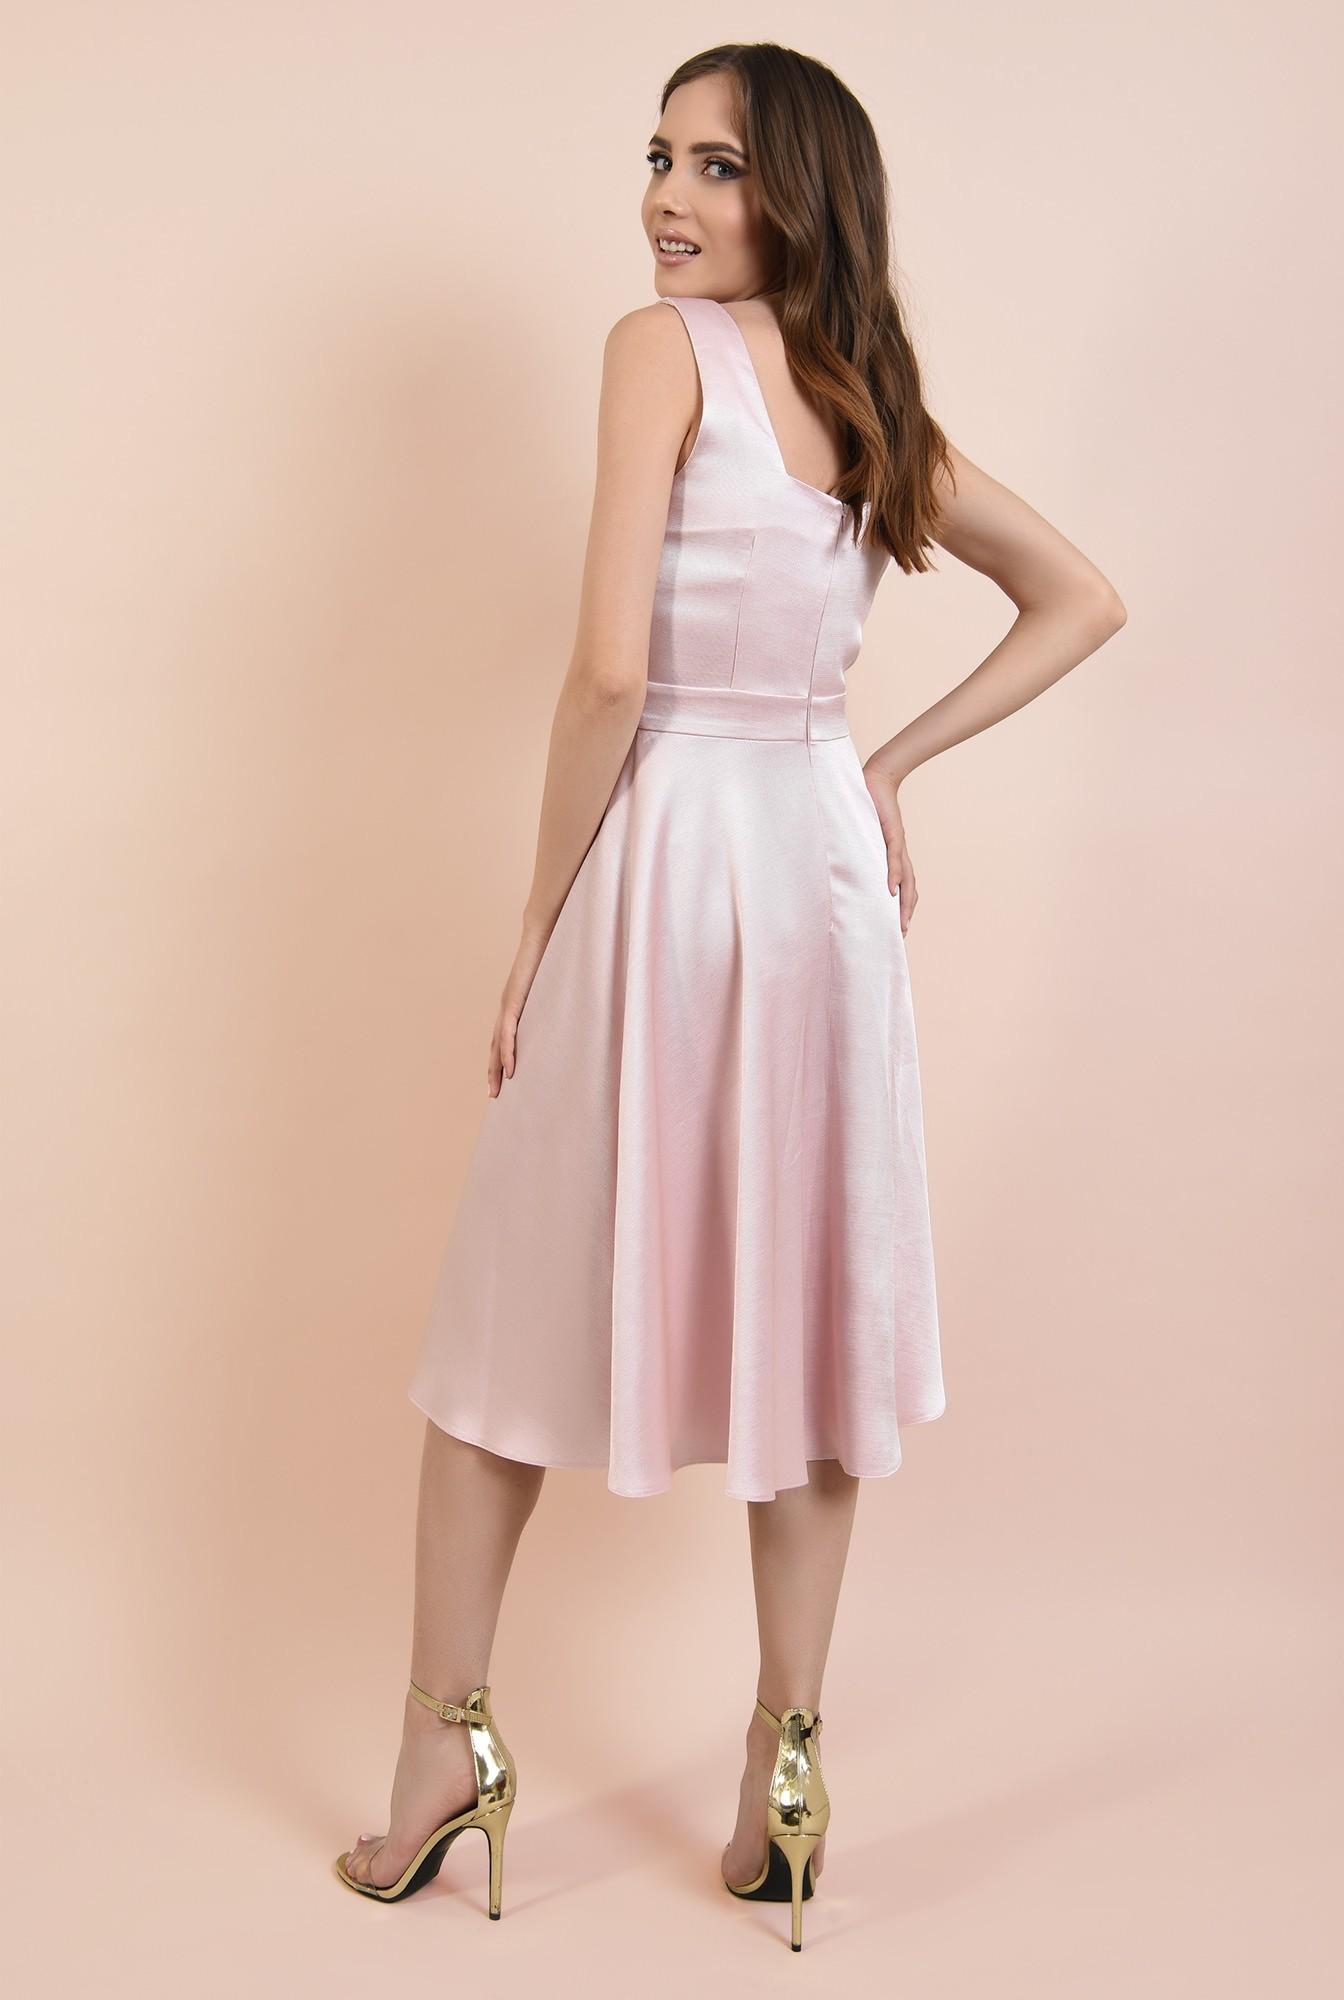 1 - rochie eleganta, cu bretele, croi evazat, inchidere cu fermoar ascuns